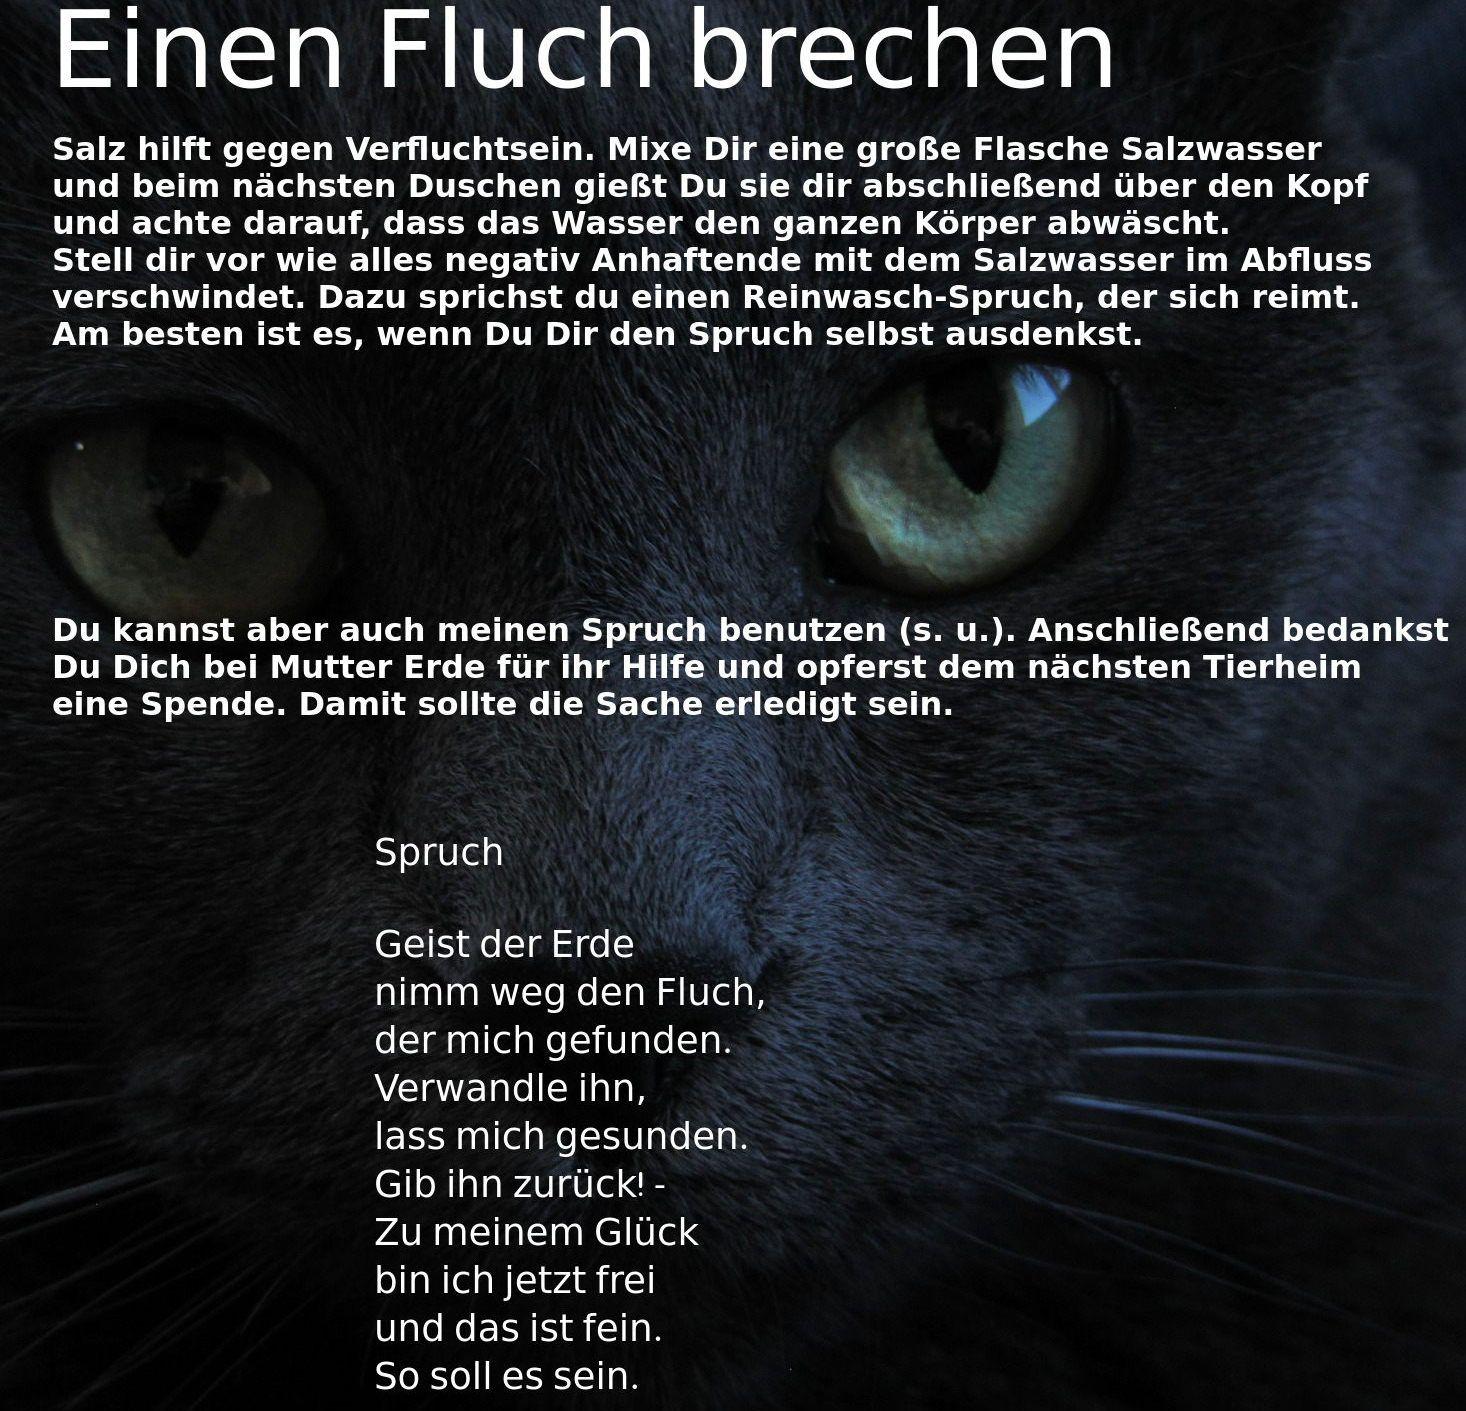 Magie Fluch Hexenkult Spruch Spell Buch Der Schatten Hexerei Zauberspruche Altes Wissen